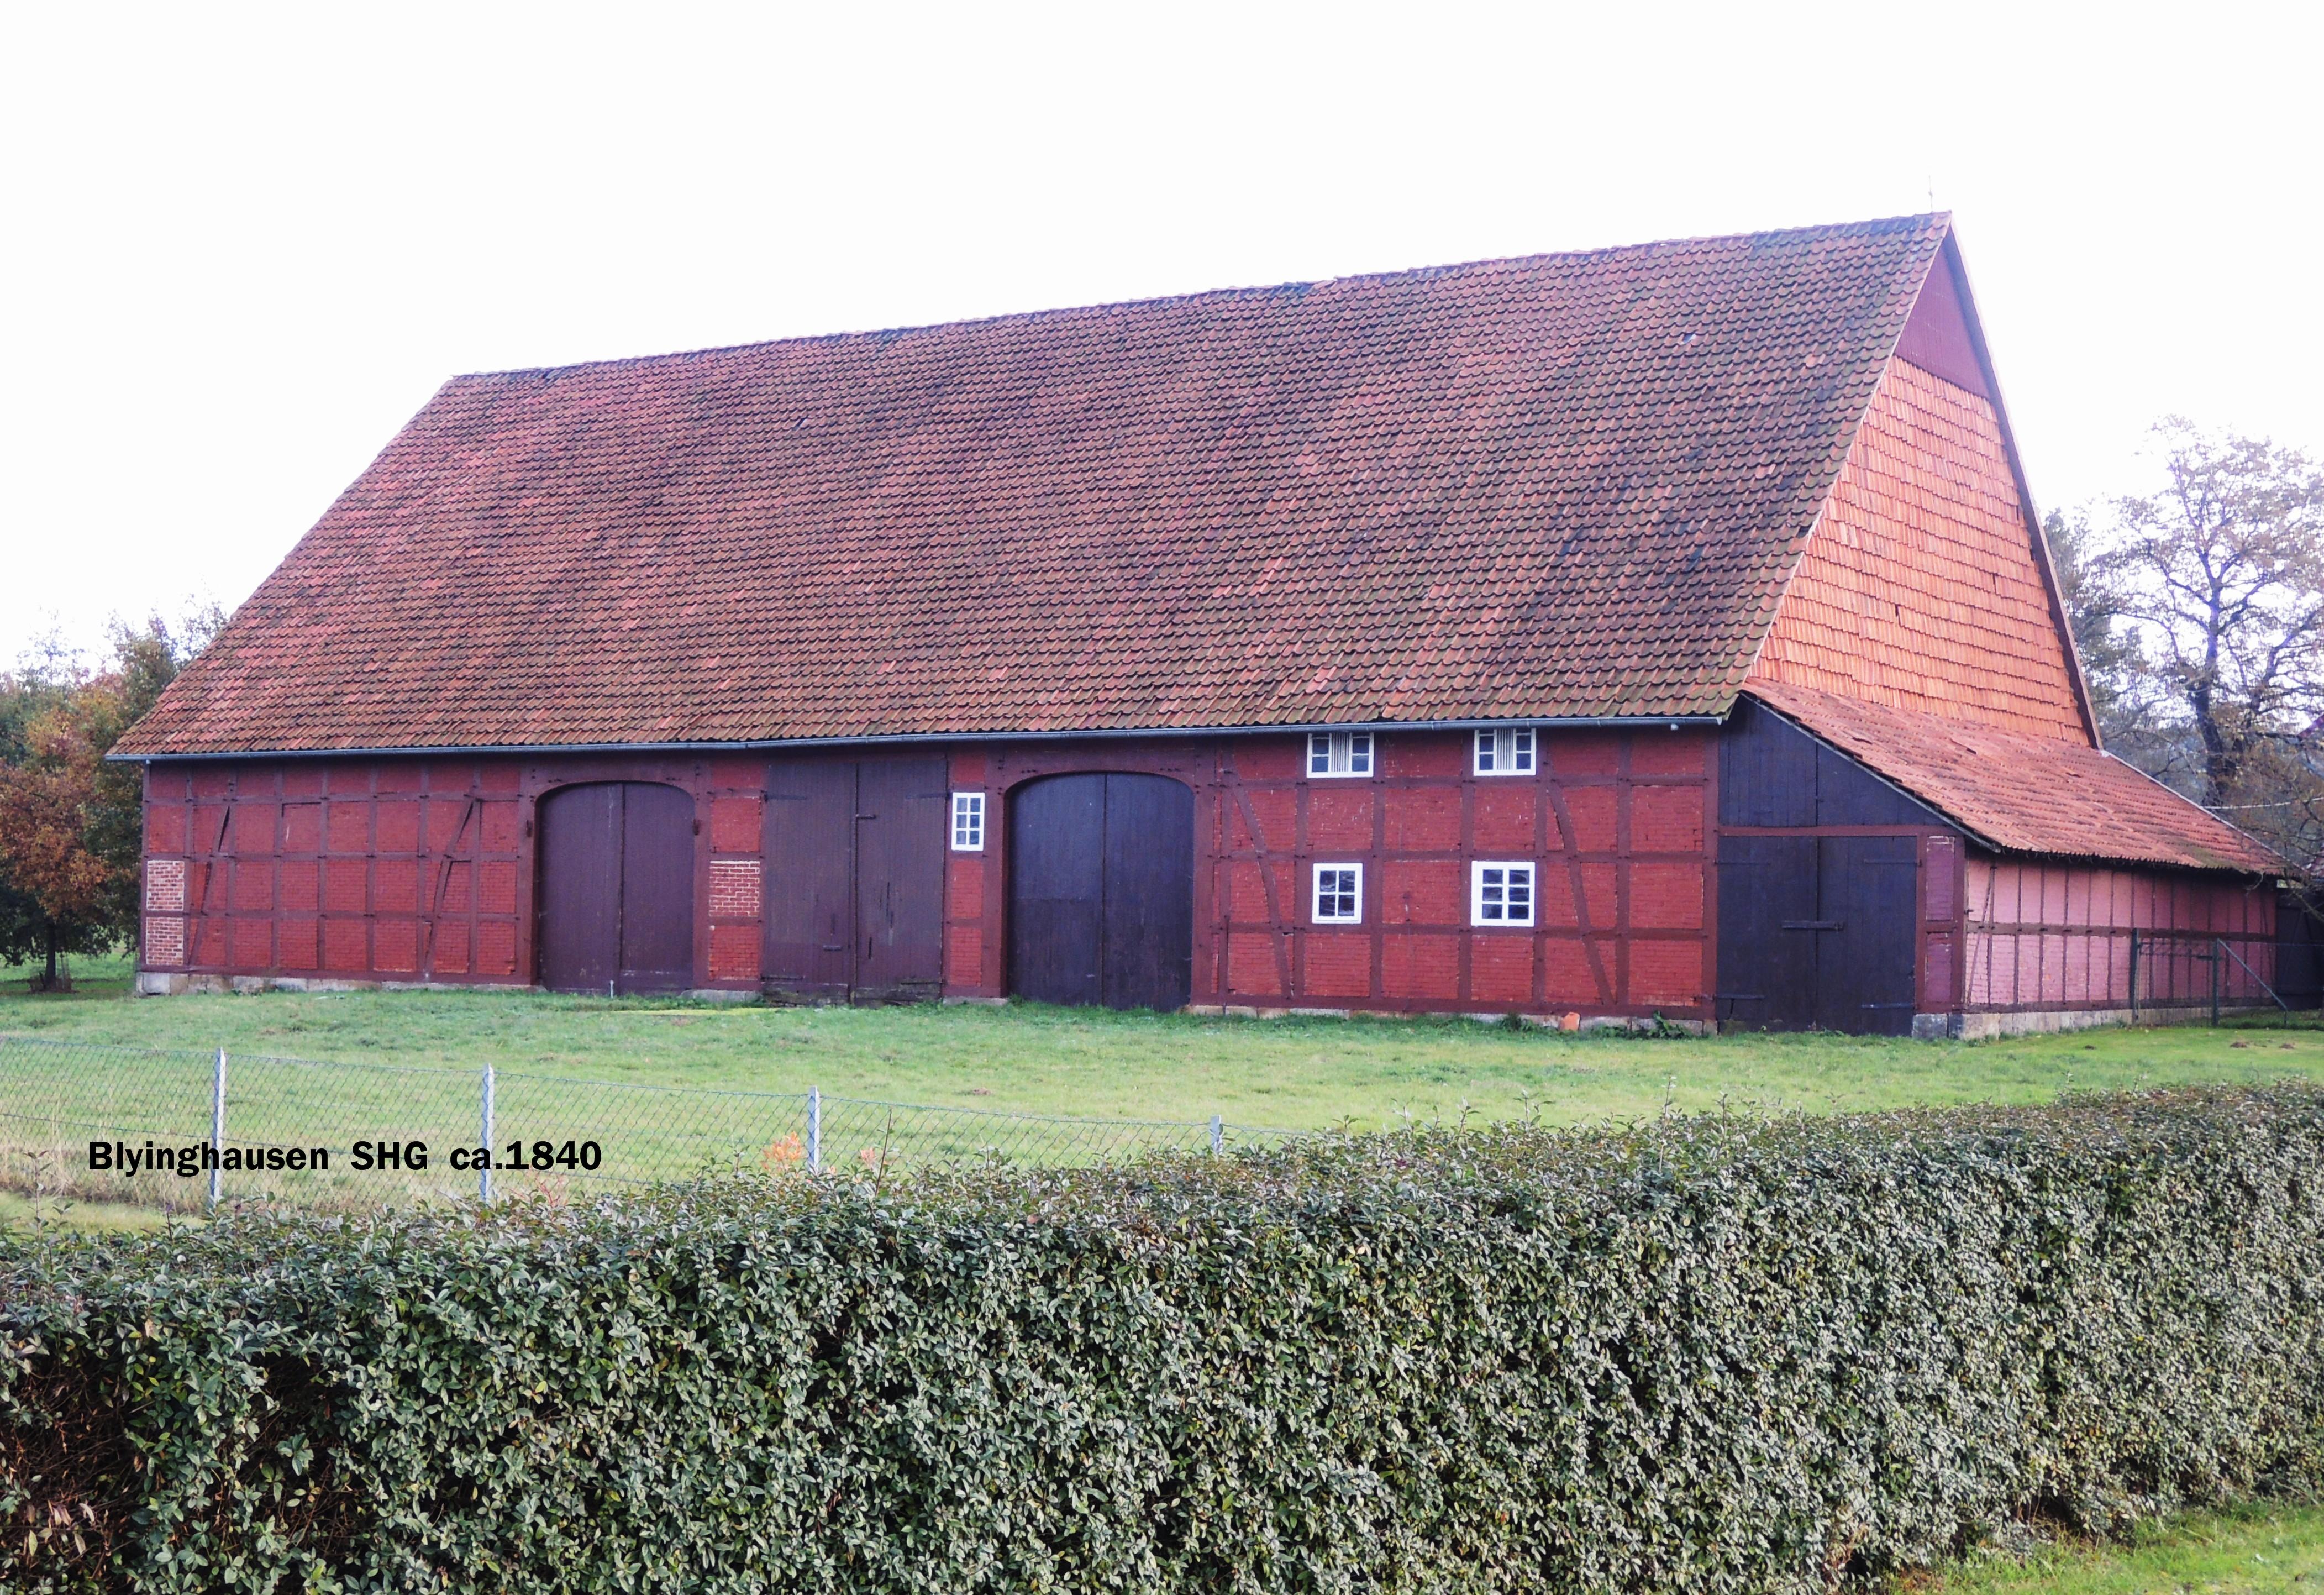 r-blyinghausen-shg-1840